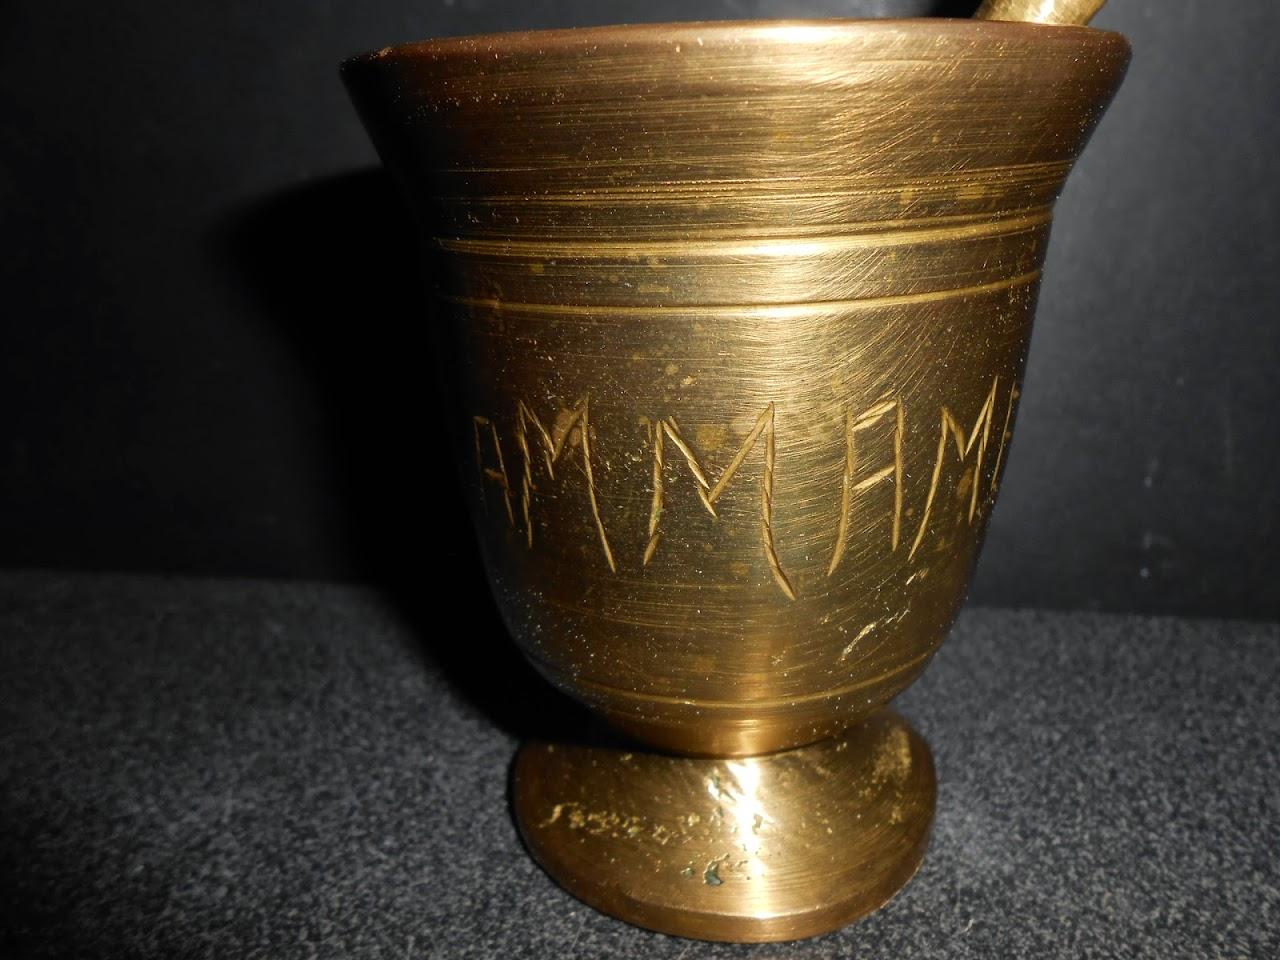 Ancien mortier pilon bronze objet de cuisine deco maghreb hammamet tunisie arabe ebay - Objet de cuisine ...